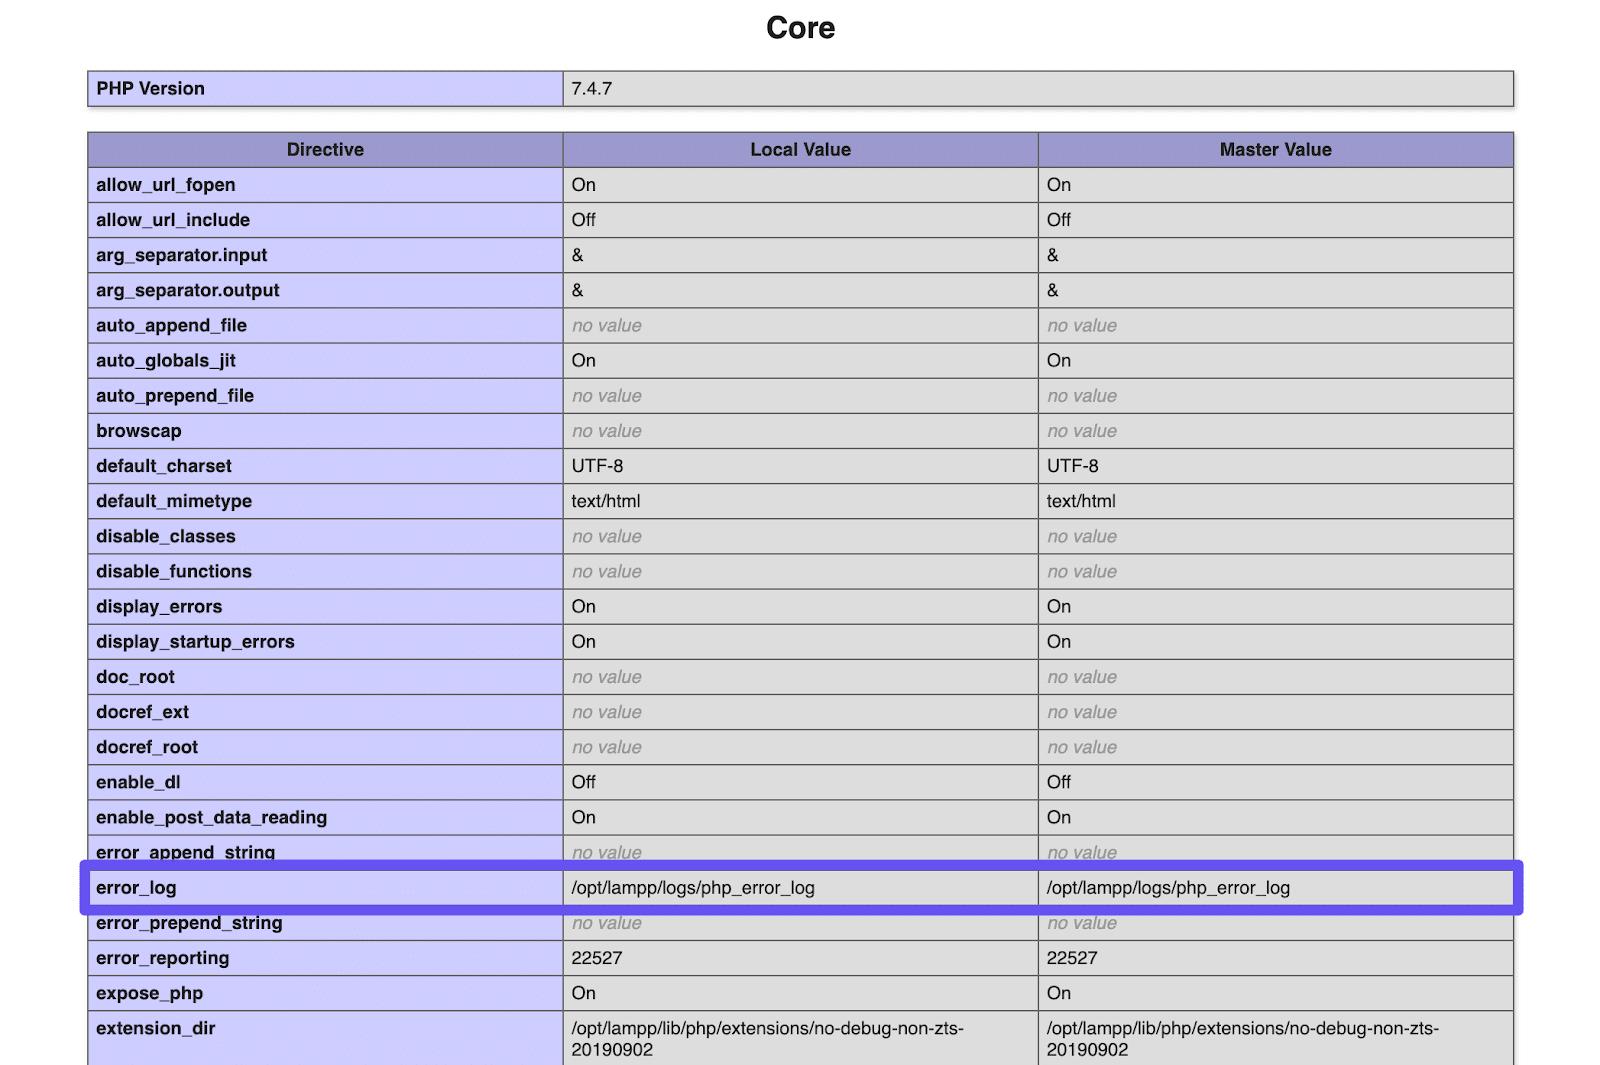 Auffinden des error_log Pfades in PHPInfo